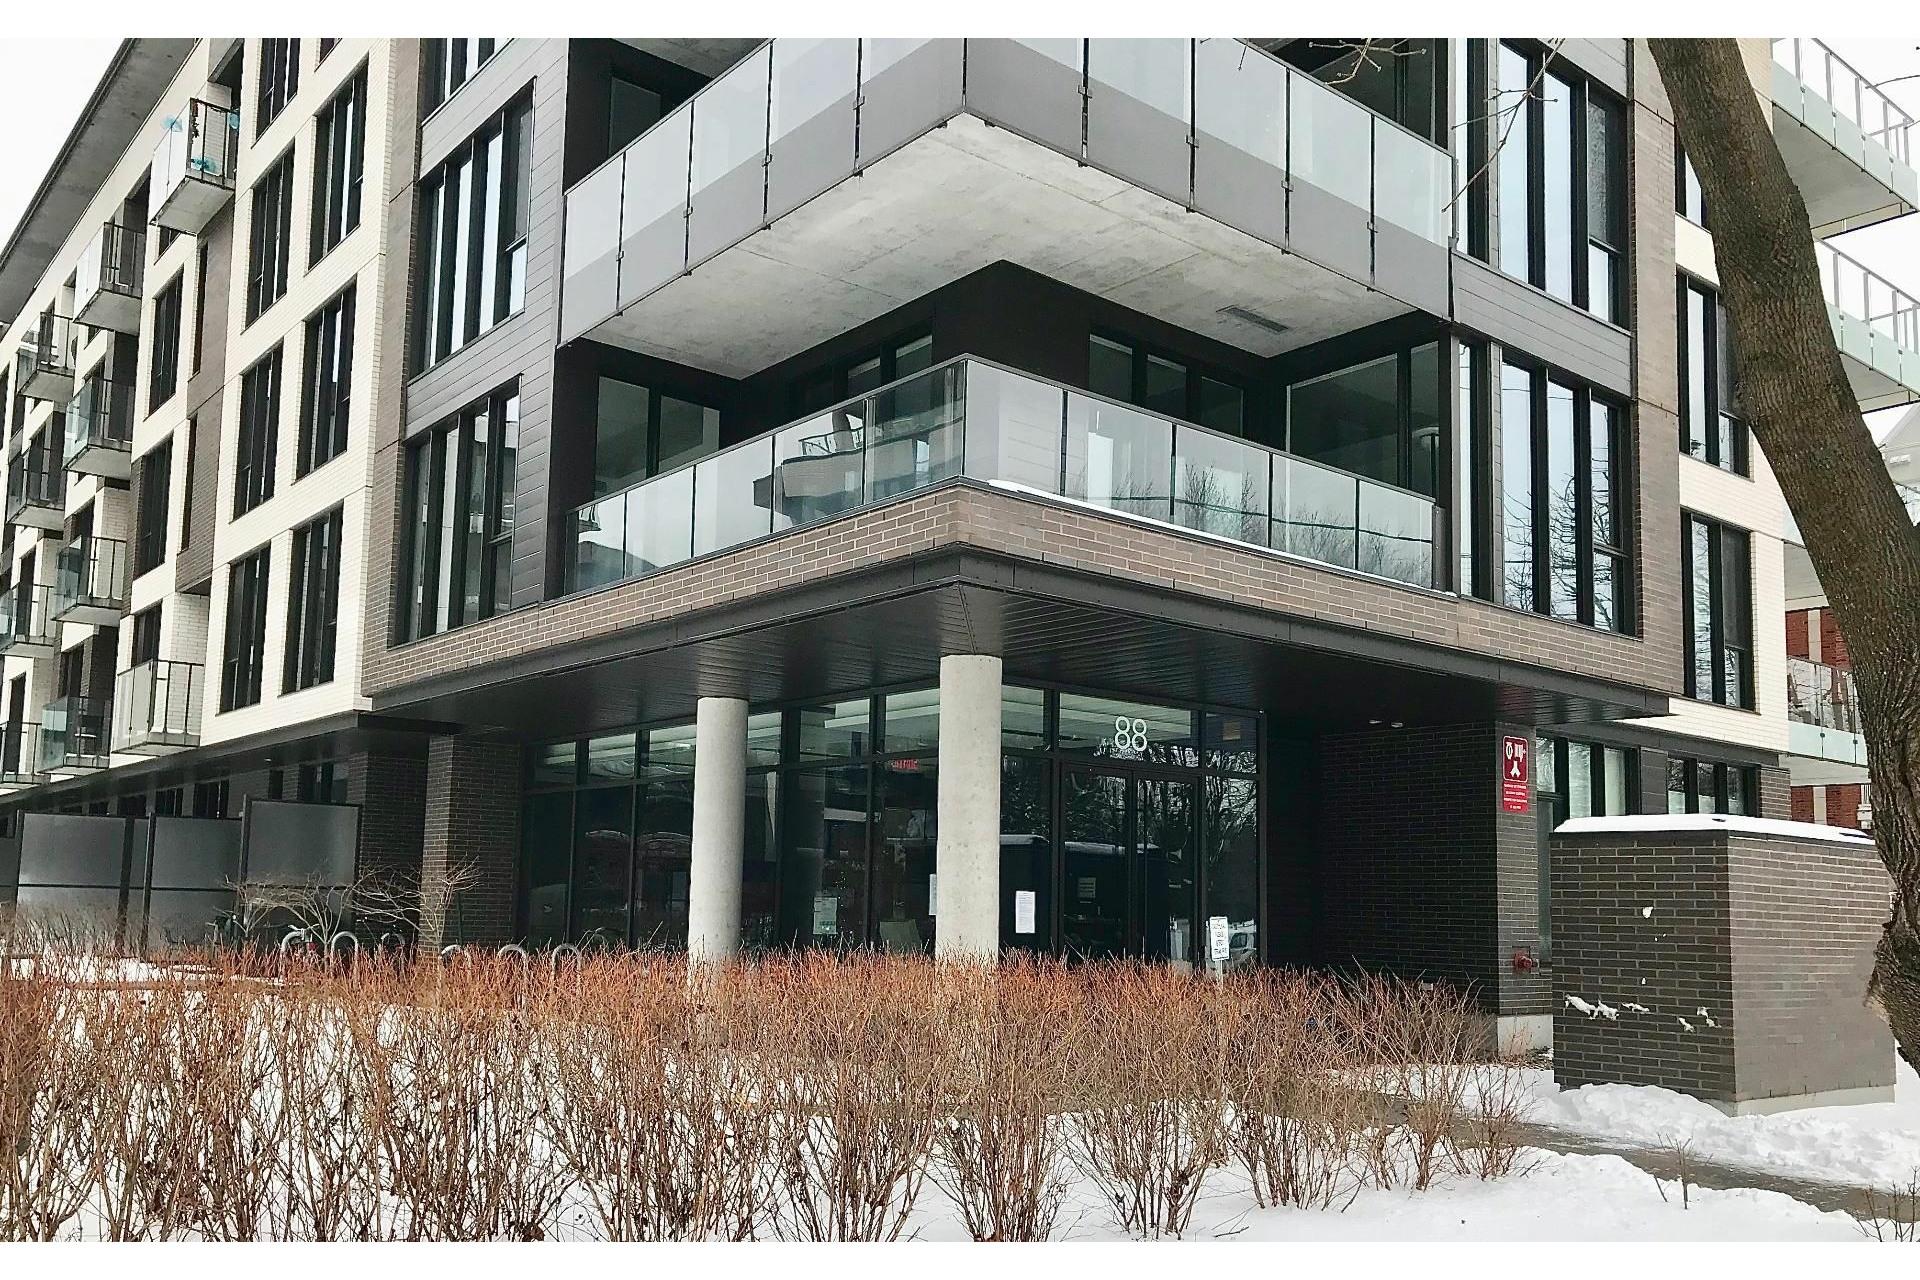 image 14 - Appartement À vendre Villeray/Saint-Michel/Parc-Extension Montréal  - 4 pièces